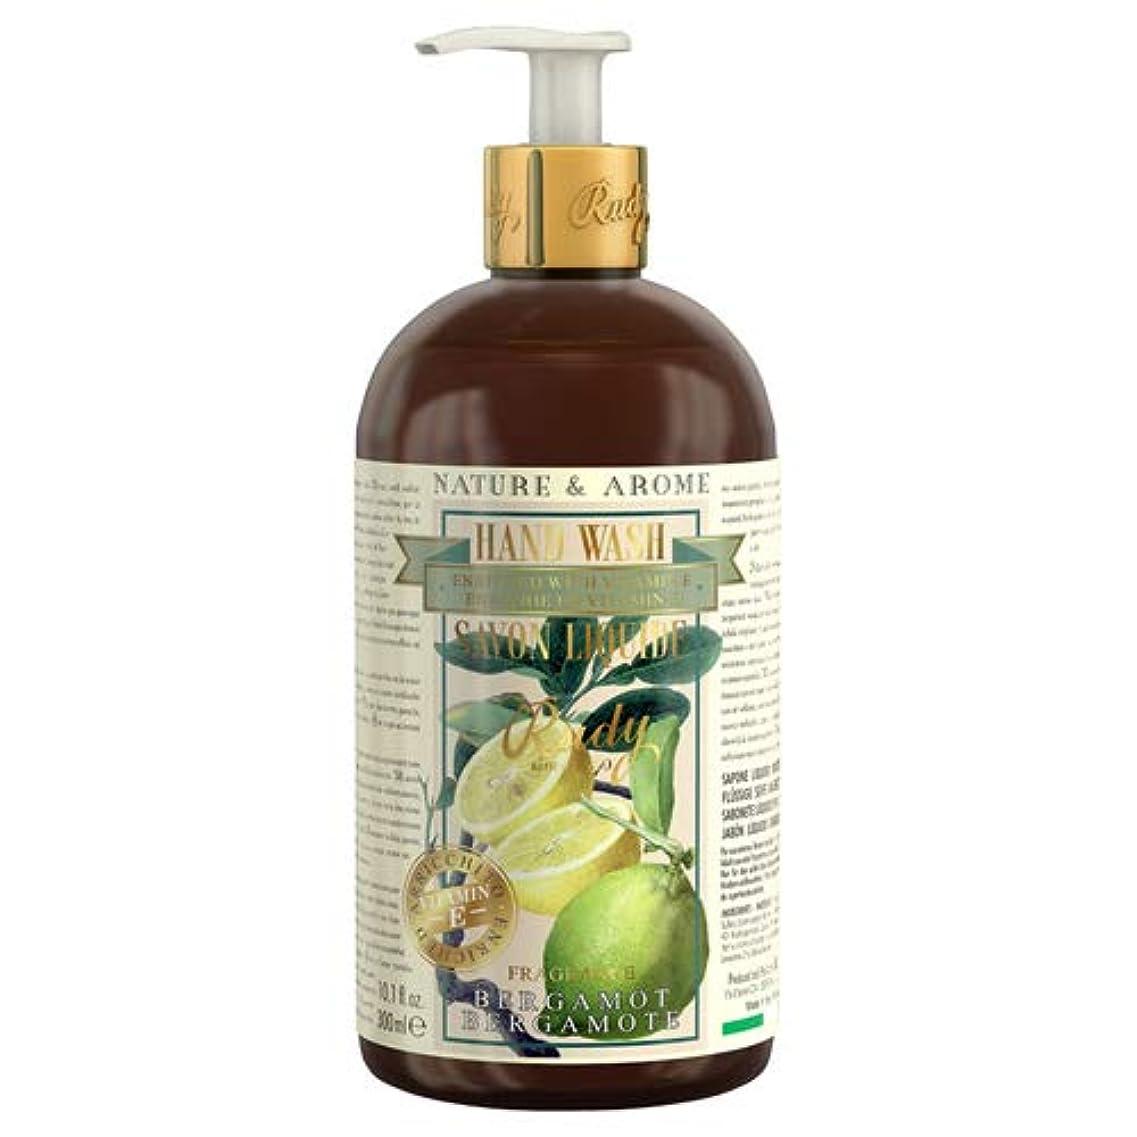 ベルト悲しいプレゼンルディ(Rudy) RUDY Nature&Arome Apothecary ネイチャーアロマ アポセカリー Hand Wash ハンドウォッシュ(ボディソープ) Bergamot ベルガモット